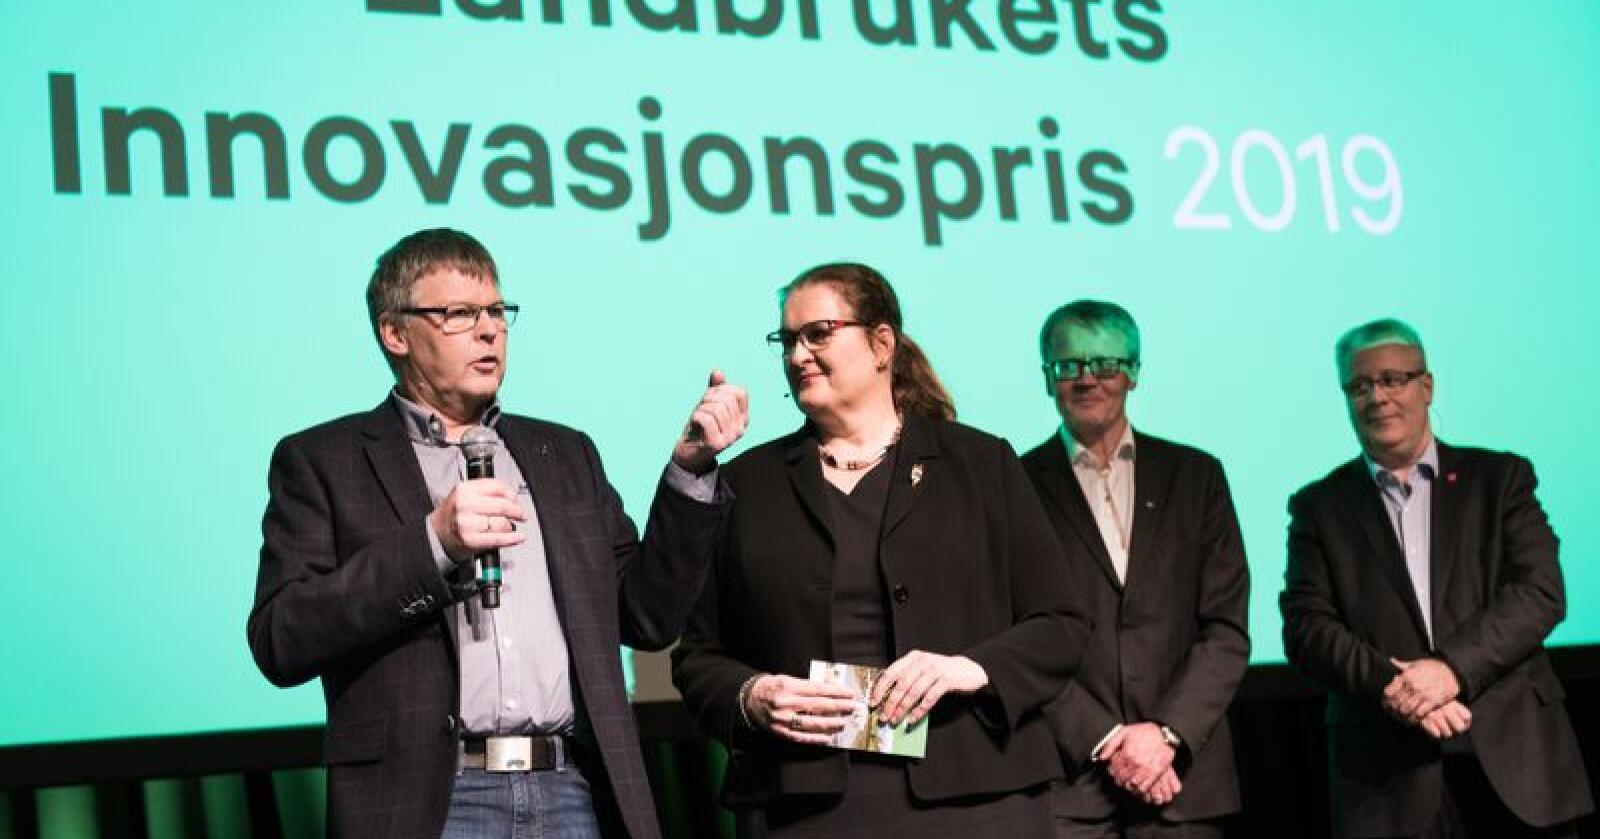 Daglig leder i Mimiro, Harald Volden, mottok innovasjonsprisen av juryleder Liv-Monica Stubholt.  Til høyre i bildet: Ola Hedstein og Bård Hoksrud. Foto: John Trygve Tollefsen